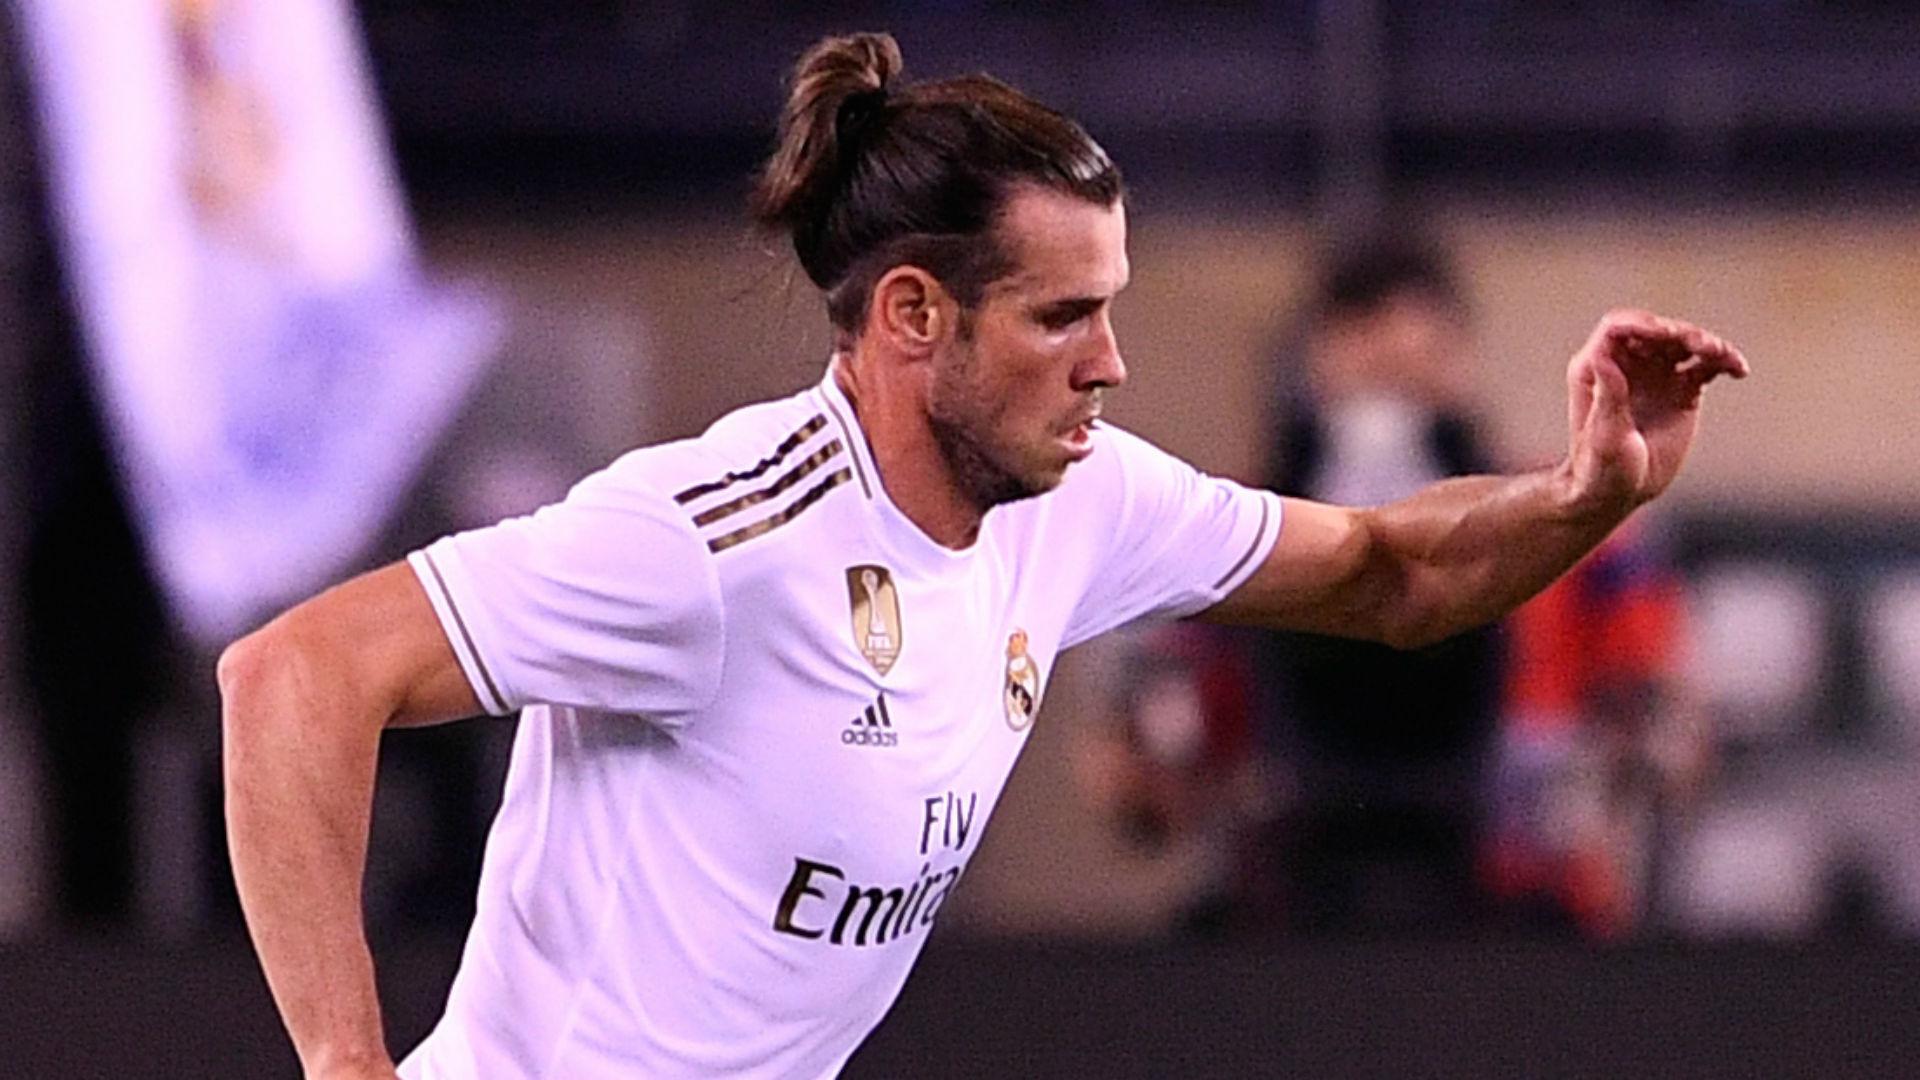 """Real Madrid, Zidane : """"Bale joue au golf ? J'espère qu'il s'entraîne dur"""""""